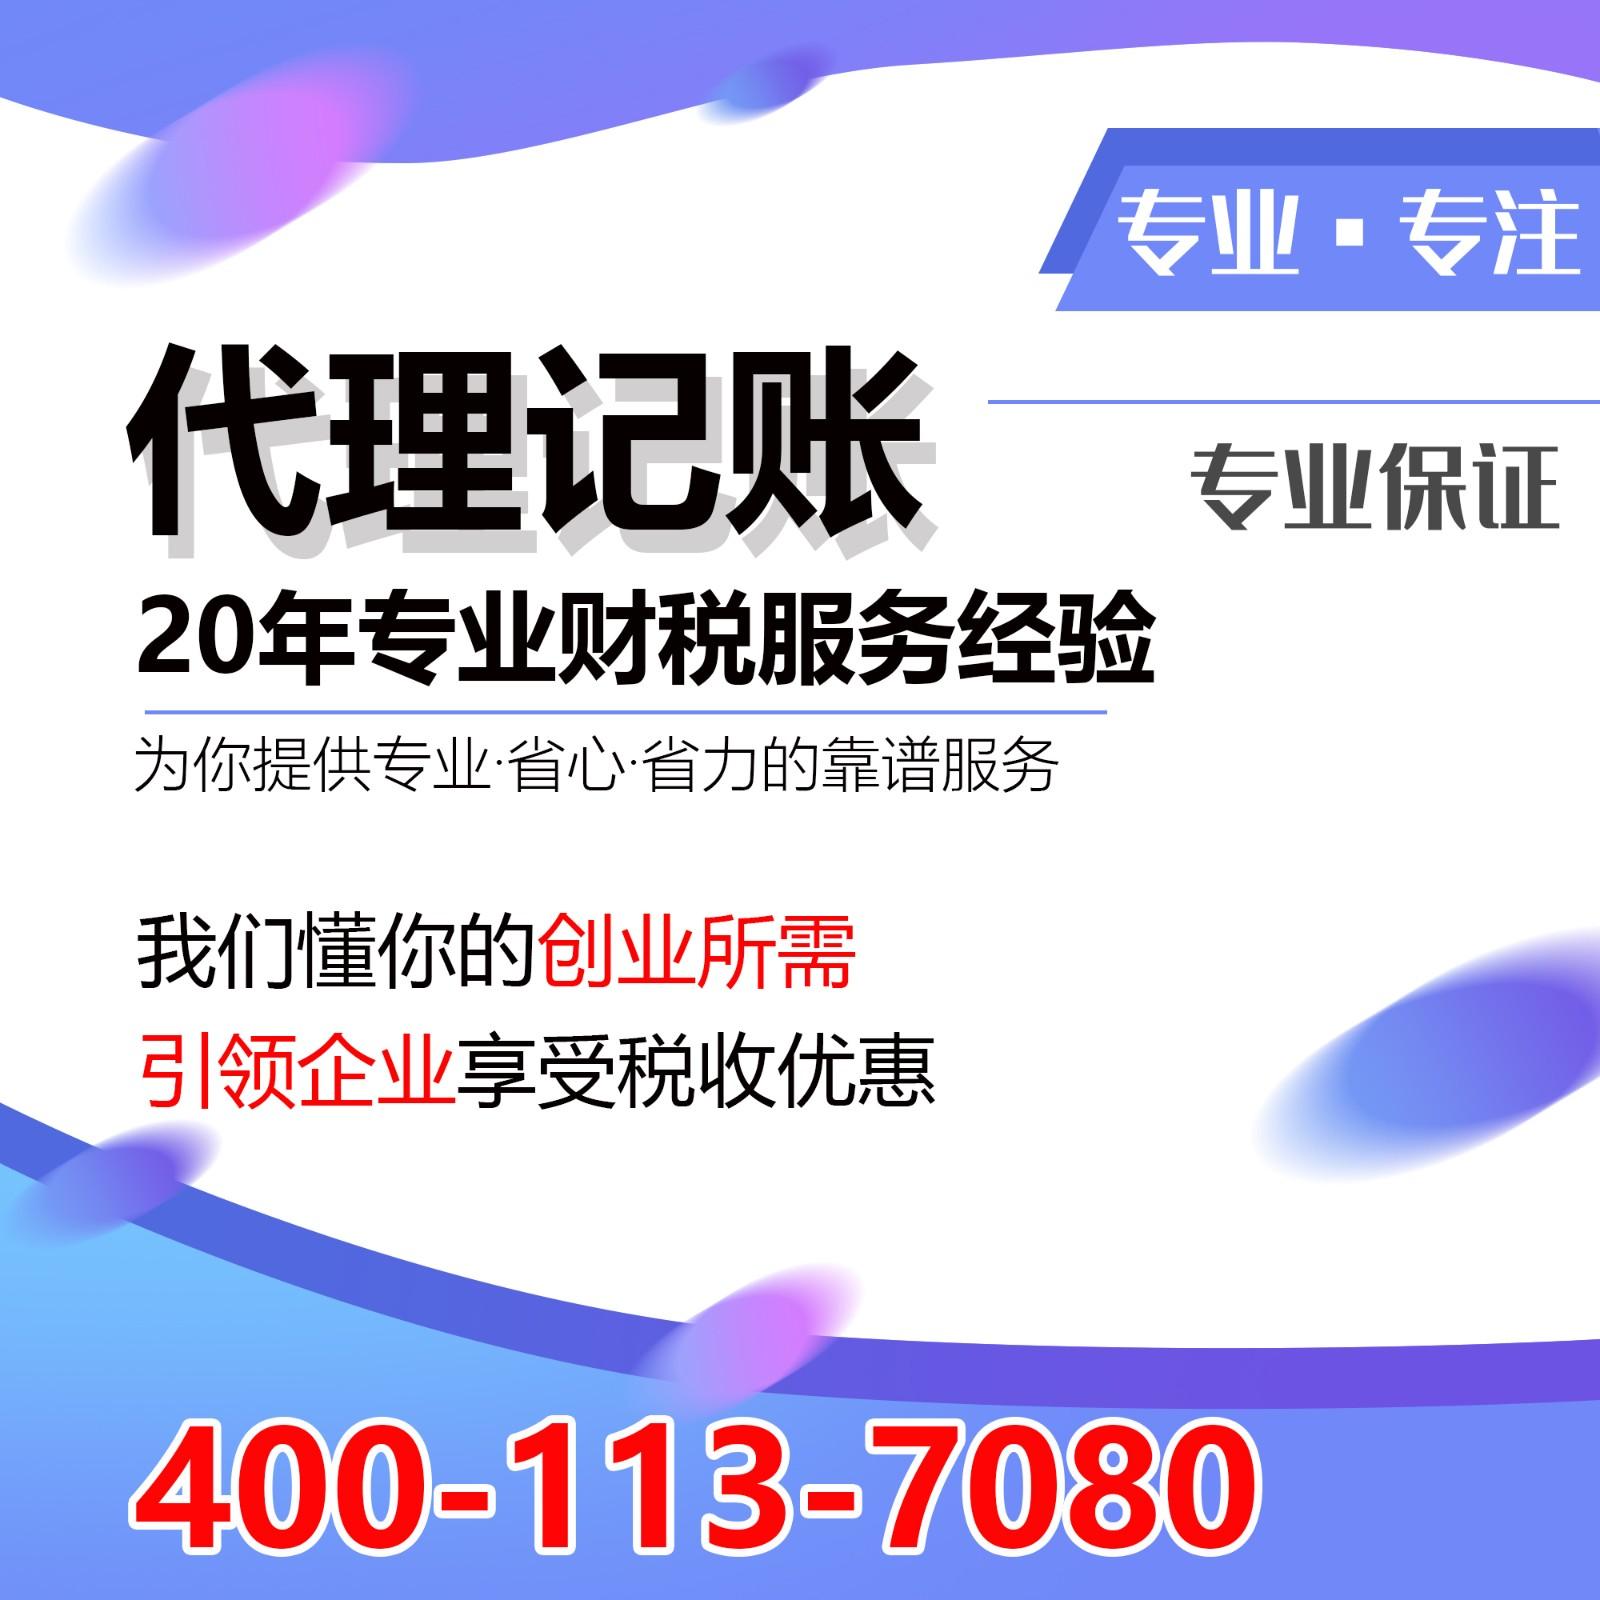 泉州记账公司 公司注册代理 代办工商注册 宏兴财税服务集团